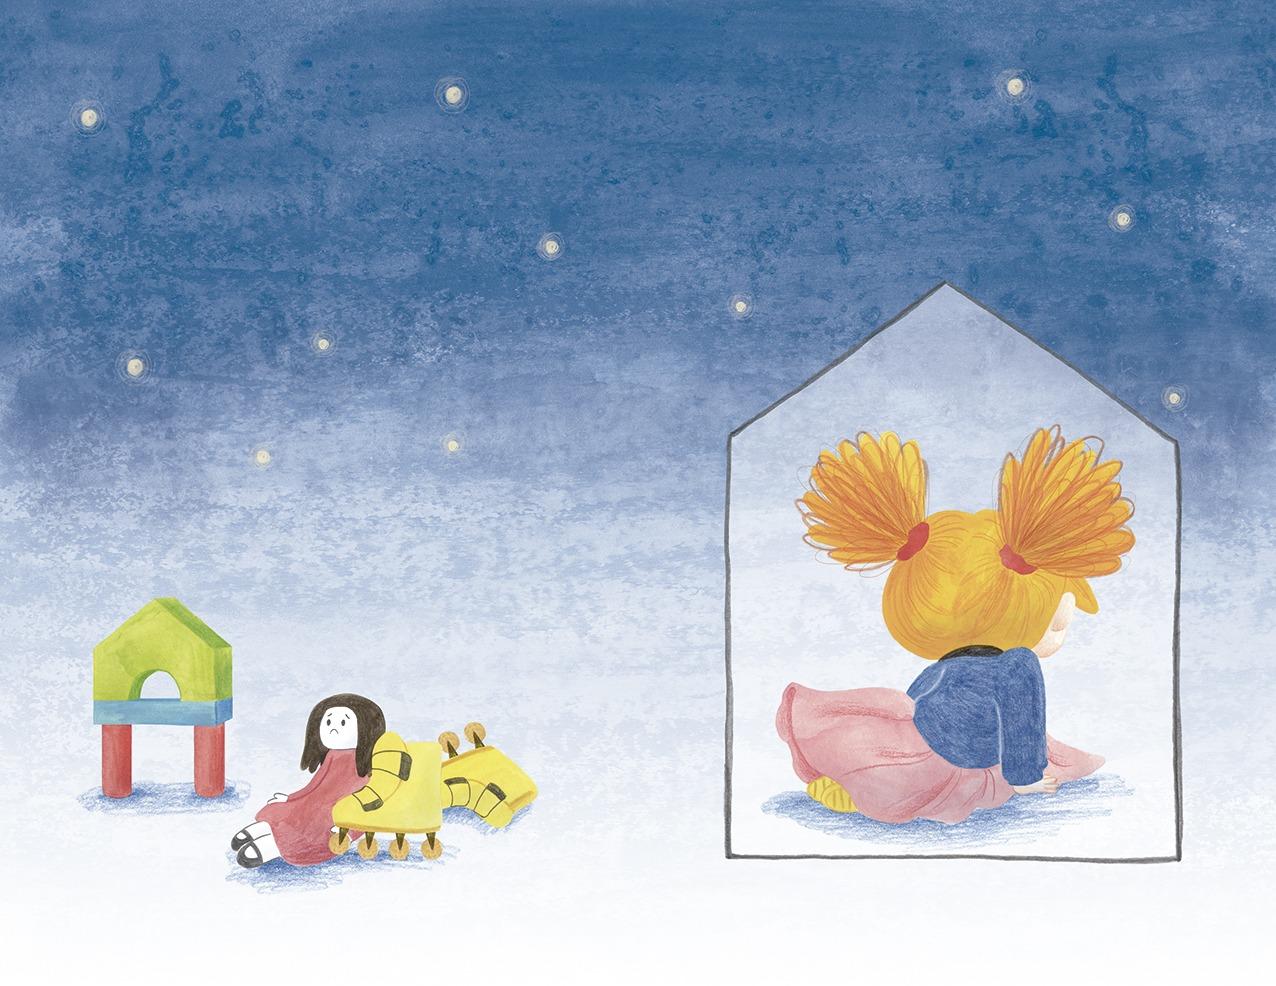 Ana está furiosa, ilustración infantil, ilustración para niños, niña enfadada, Christine Nöstlinger, Mar Villar, El Barco de Vapor, SM, ilustración de niña triste,